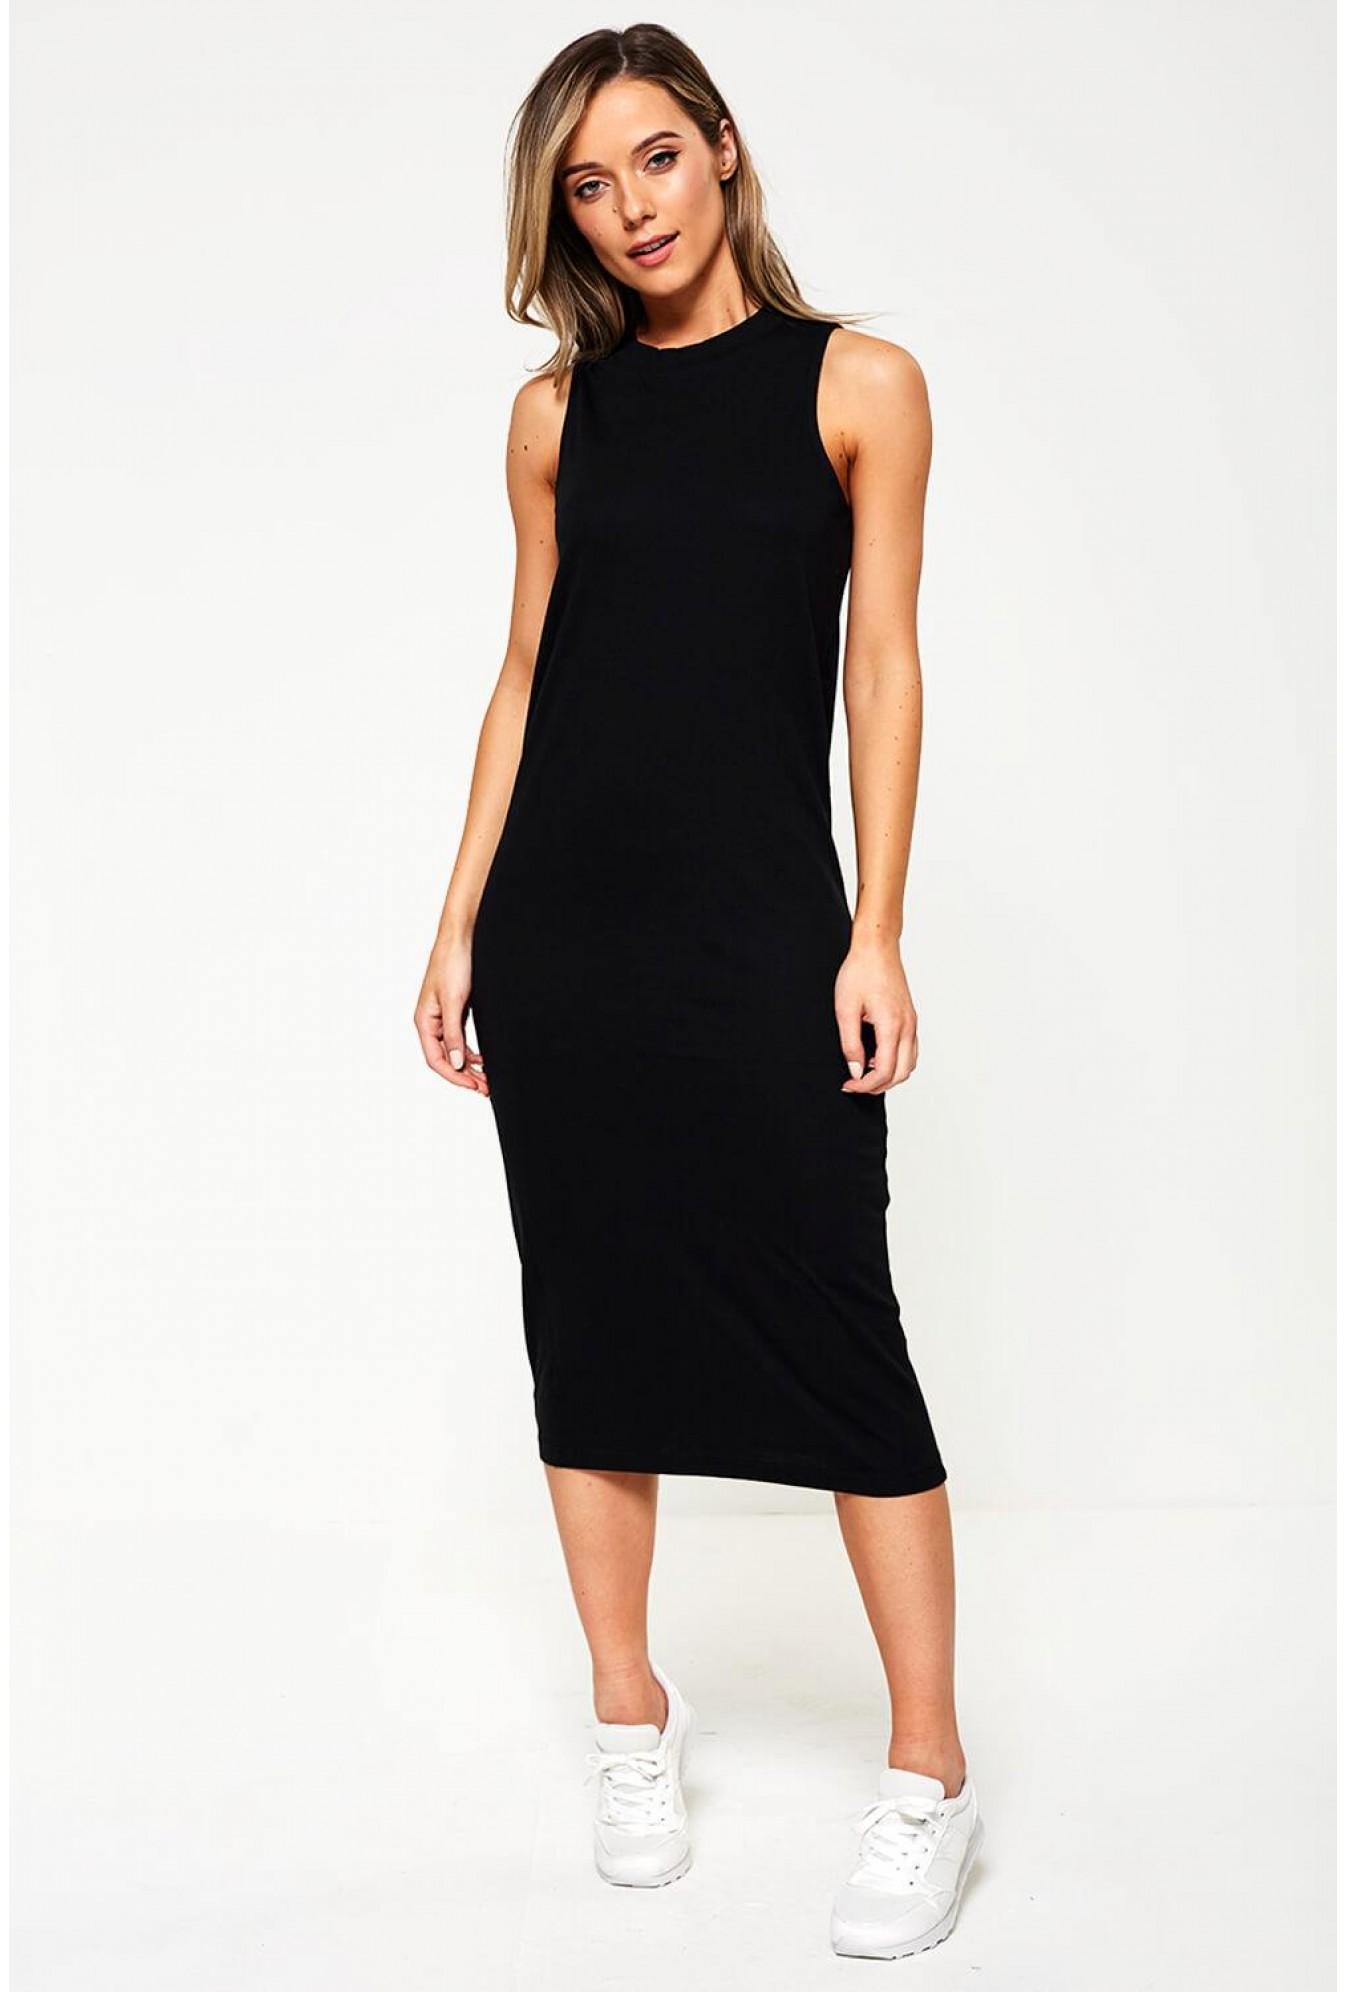 f580f5f46 Noisy May Sleeveless Midi Bodycon Dress in Black | iCLOTHING